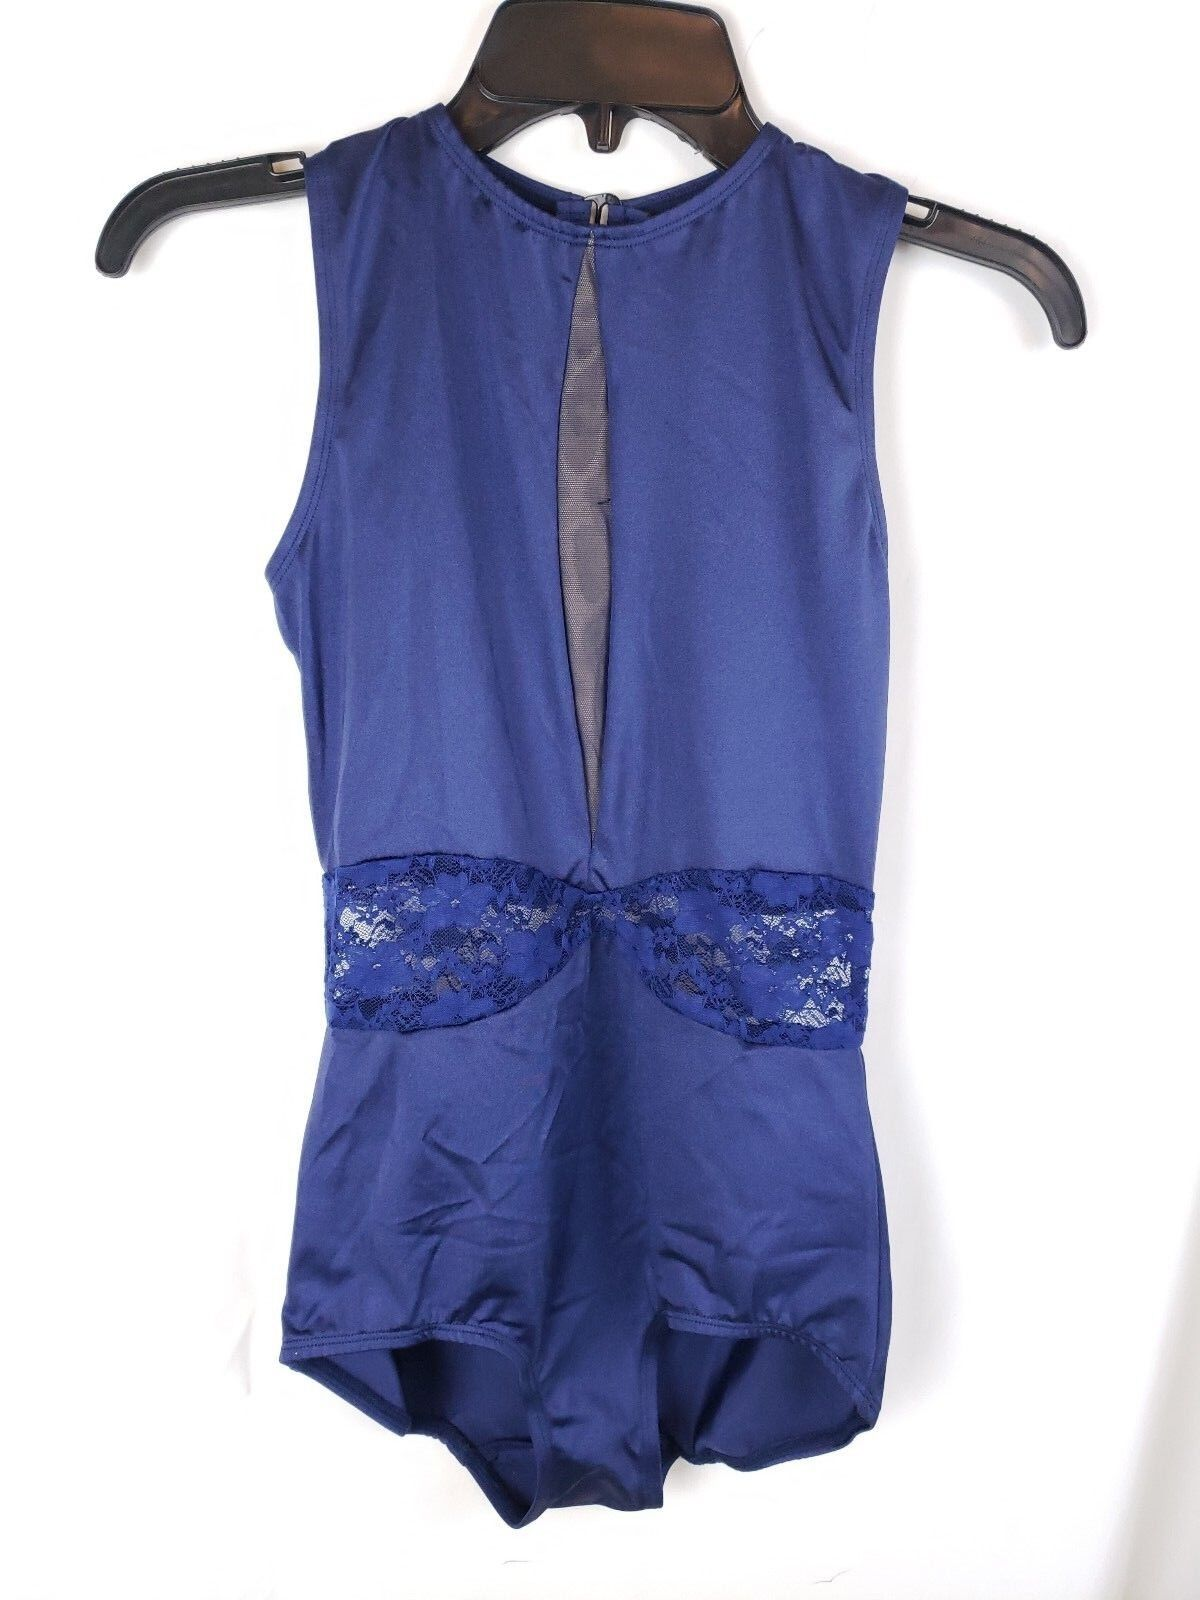 blueee Lace Cutout Leotard Ballet Dance Costume - Women's  AM  hot